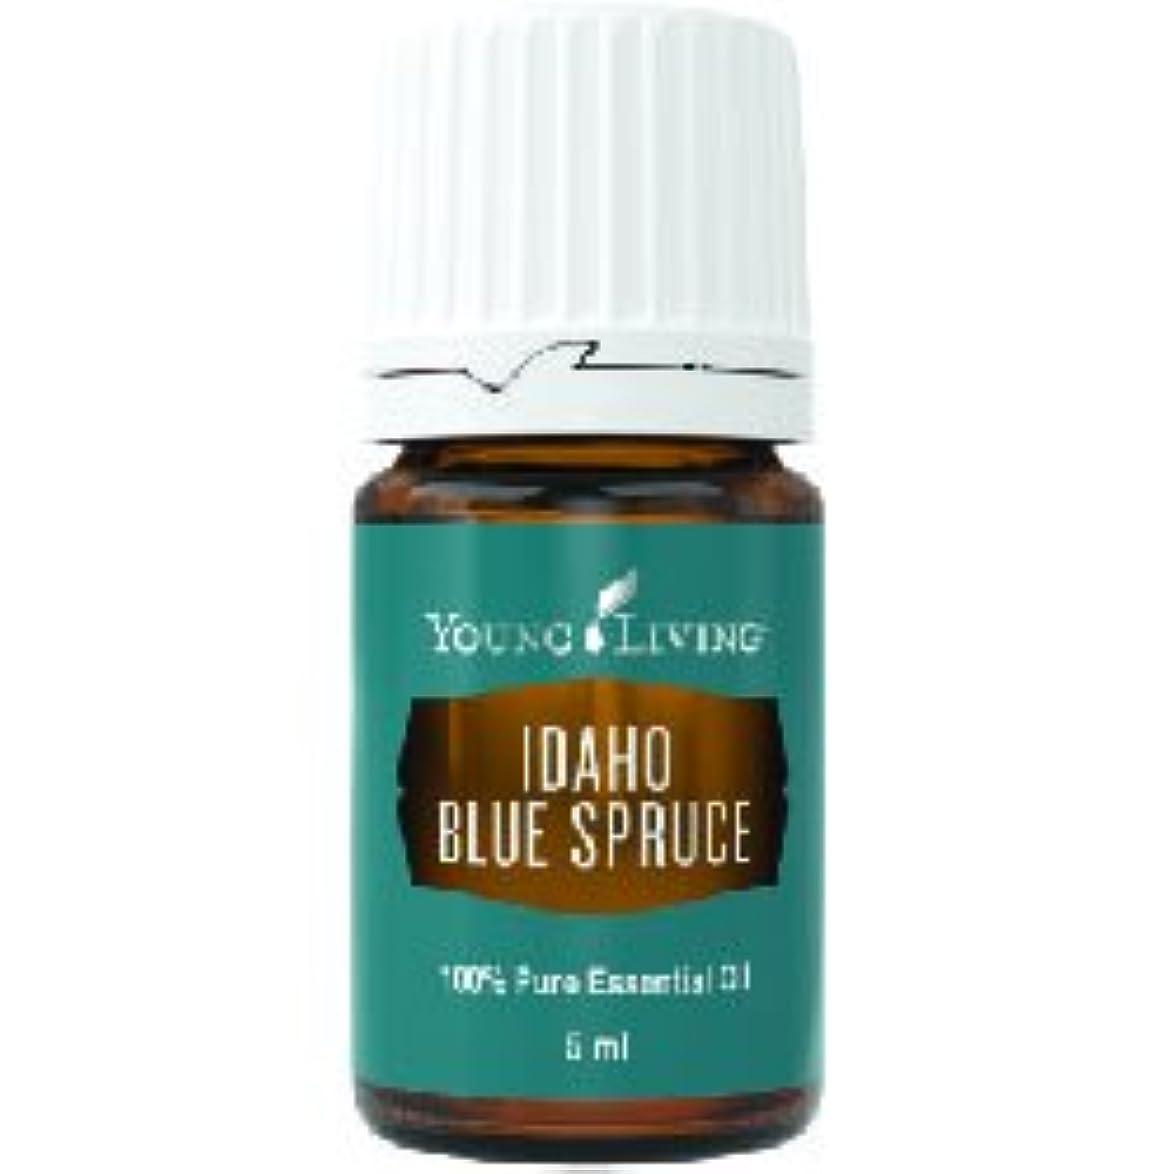 明るいクスコ傾斜アイダホブルースプルースエッセンシャルオイル5ml by Young Livingエッセンシャルオイルマレーシア Idaho Blue Spruce Essential Oil 5ml by Young Living Essential...